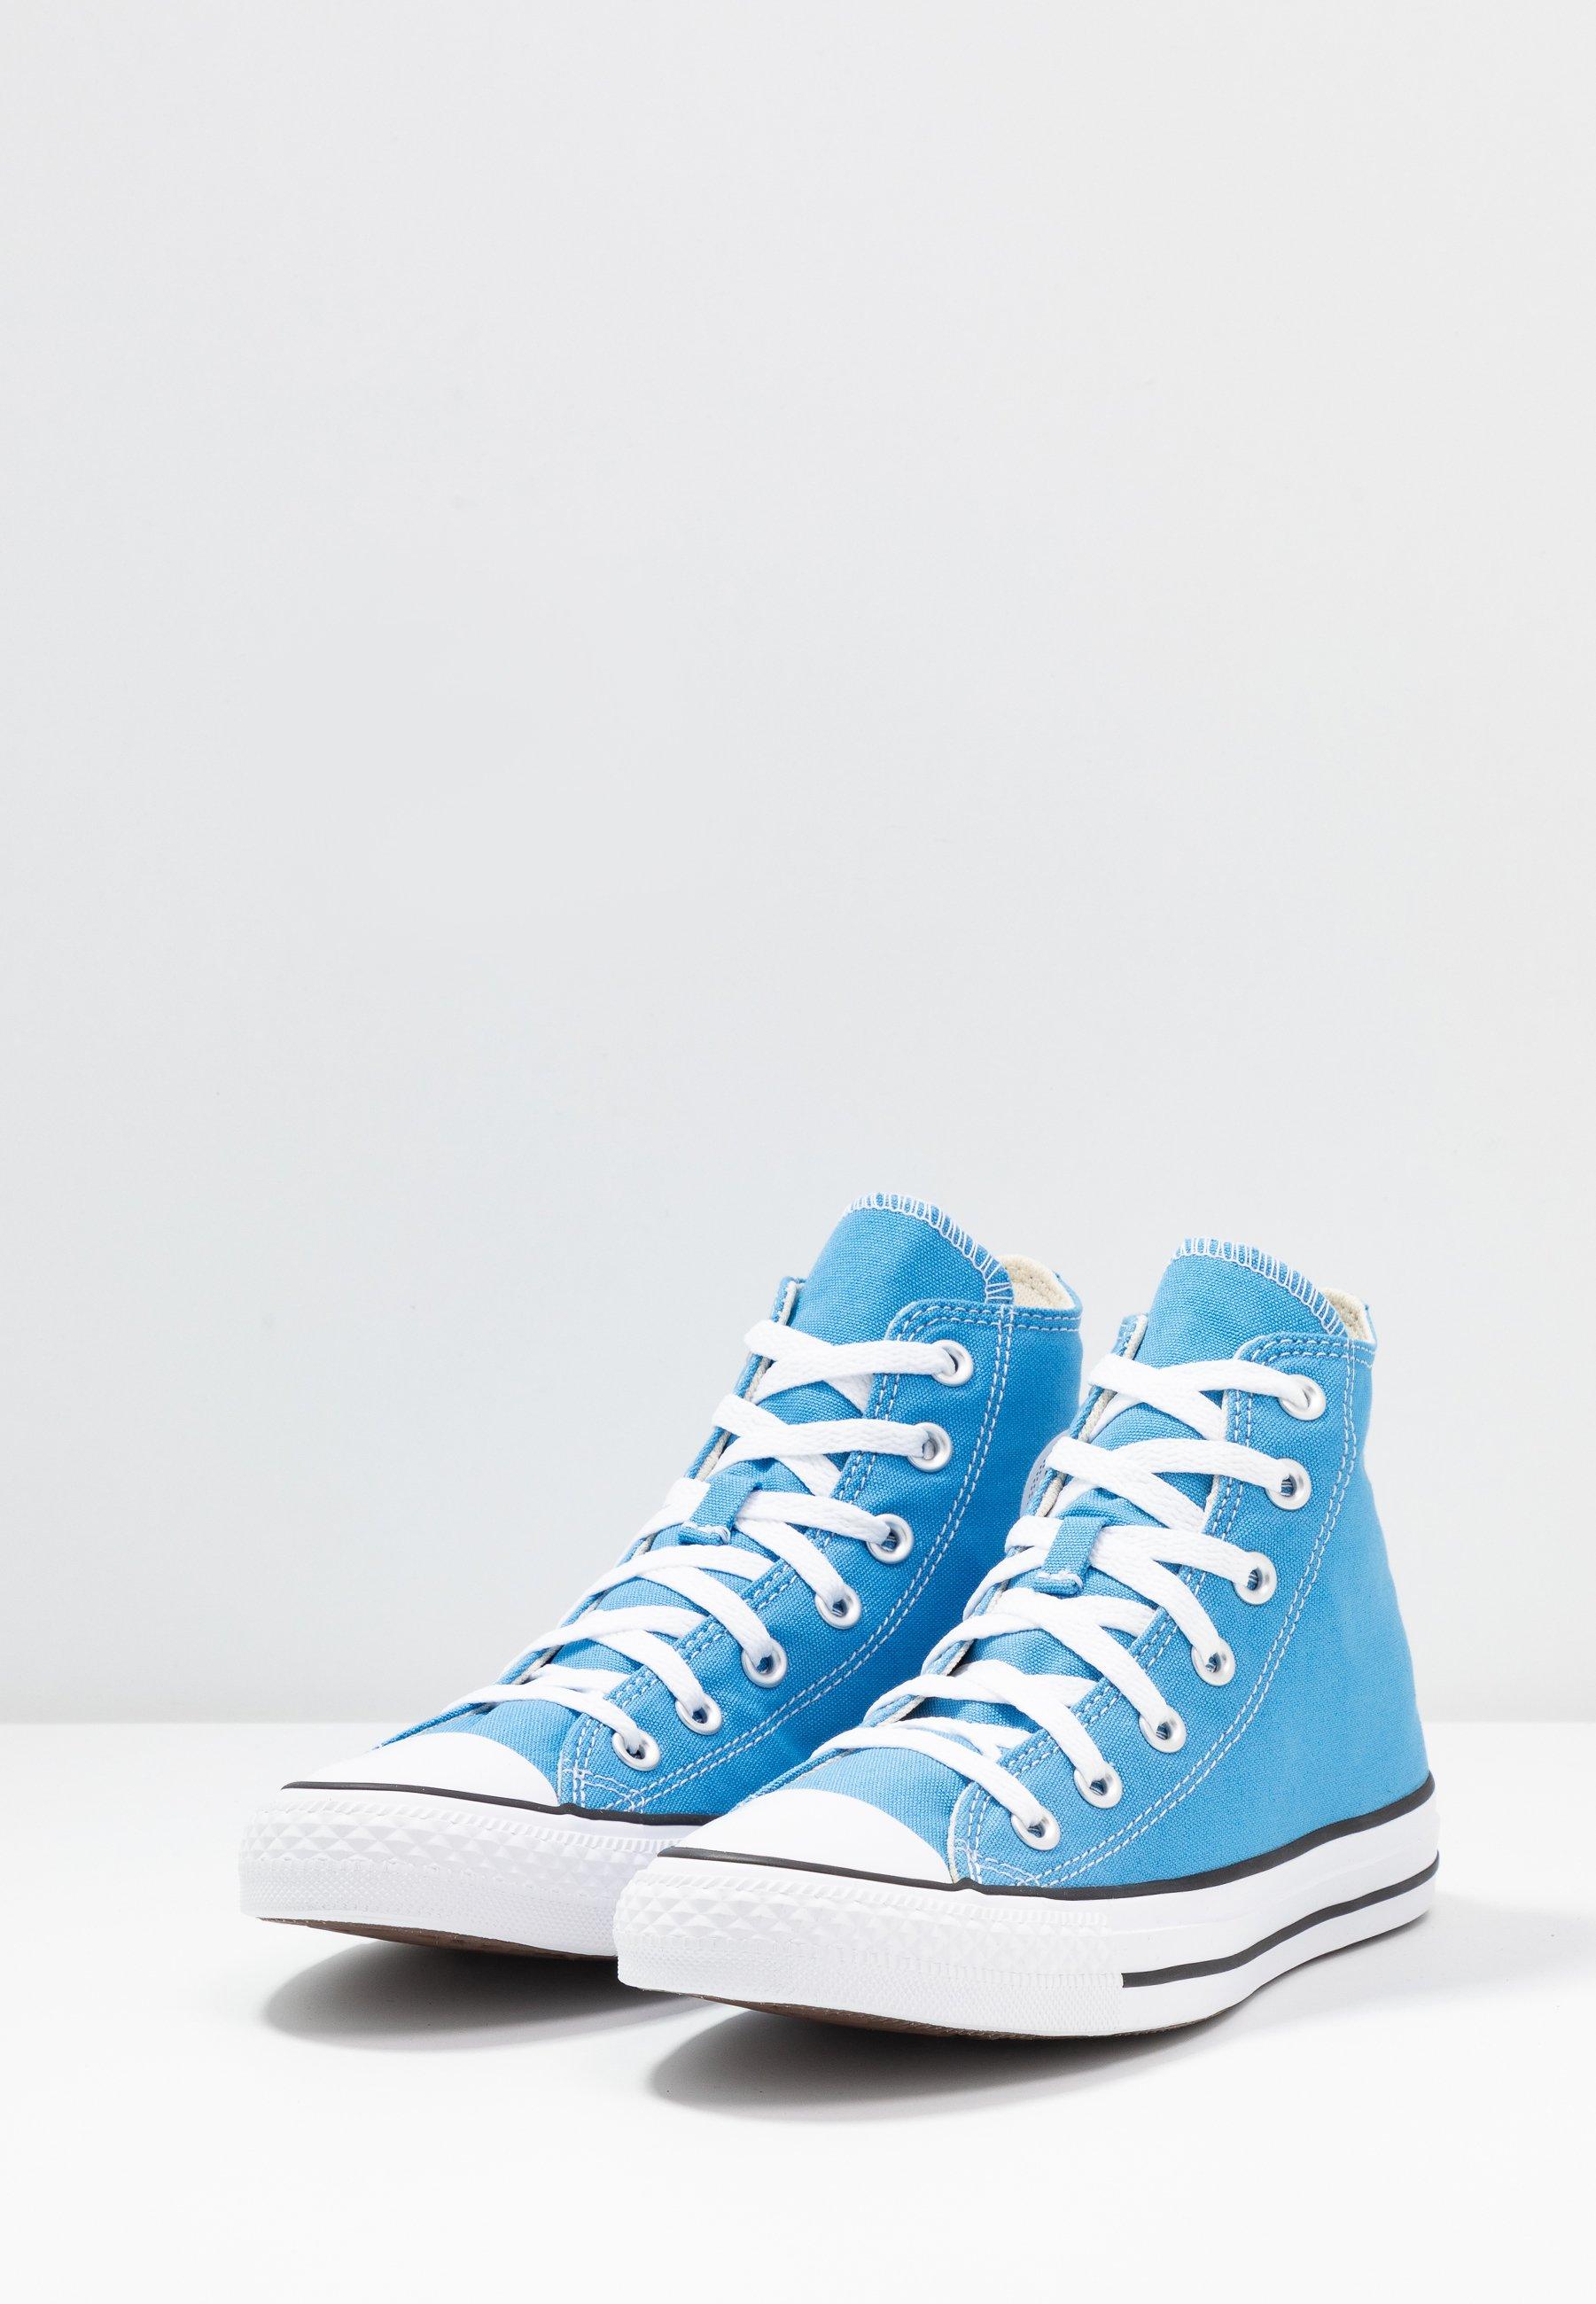 Molto a buon mercato Scarpe da uomo Converse CHUCK TAYLOR ALL STAR Sneakers alte coast